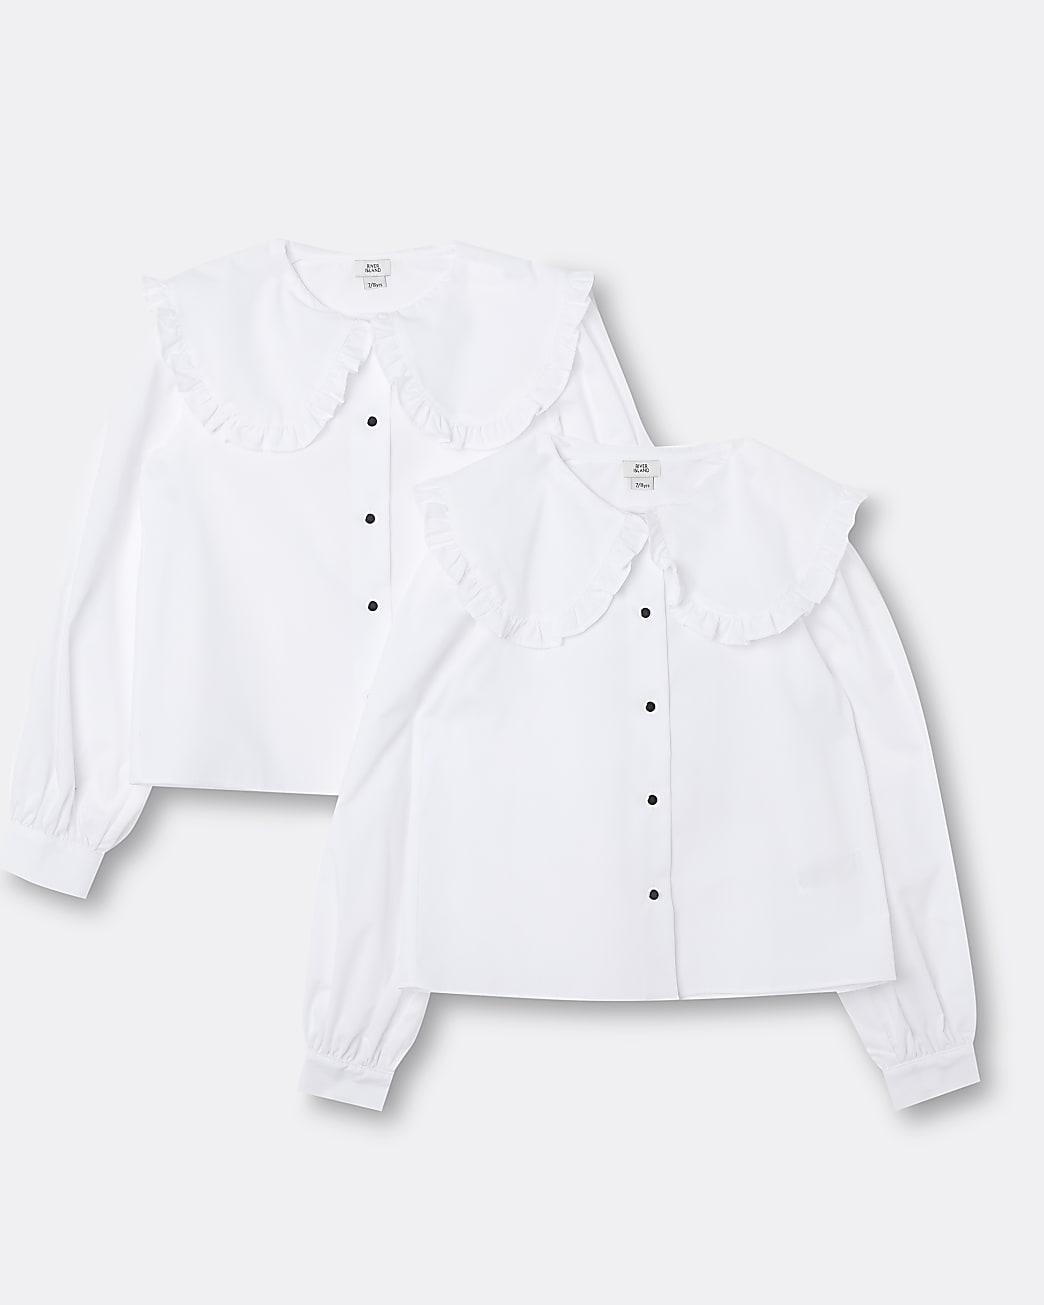 Girls white collared shirts 2 pack